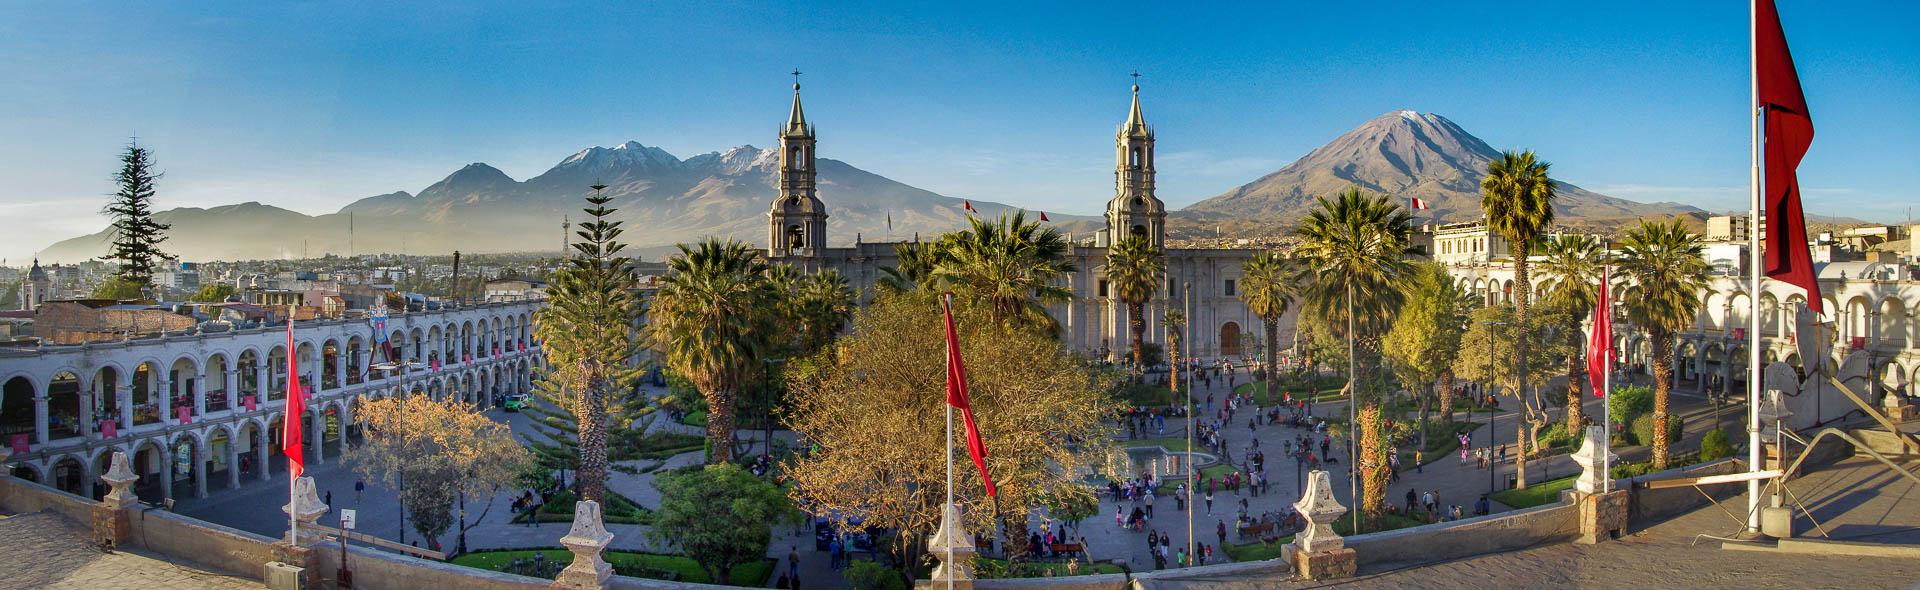 Arequipa, das weiße Rom Südamerikas